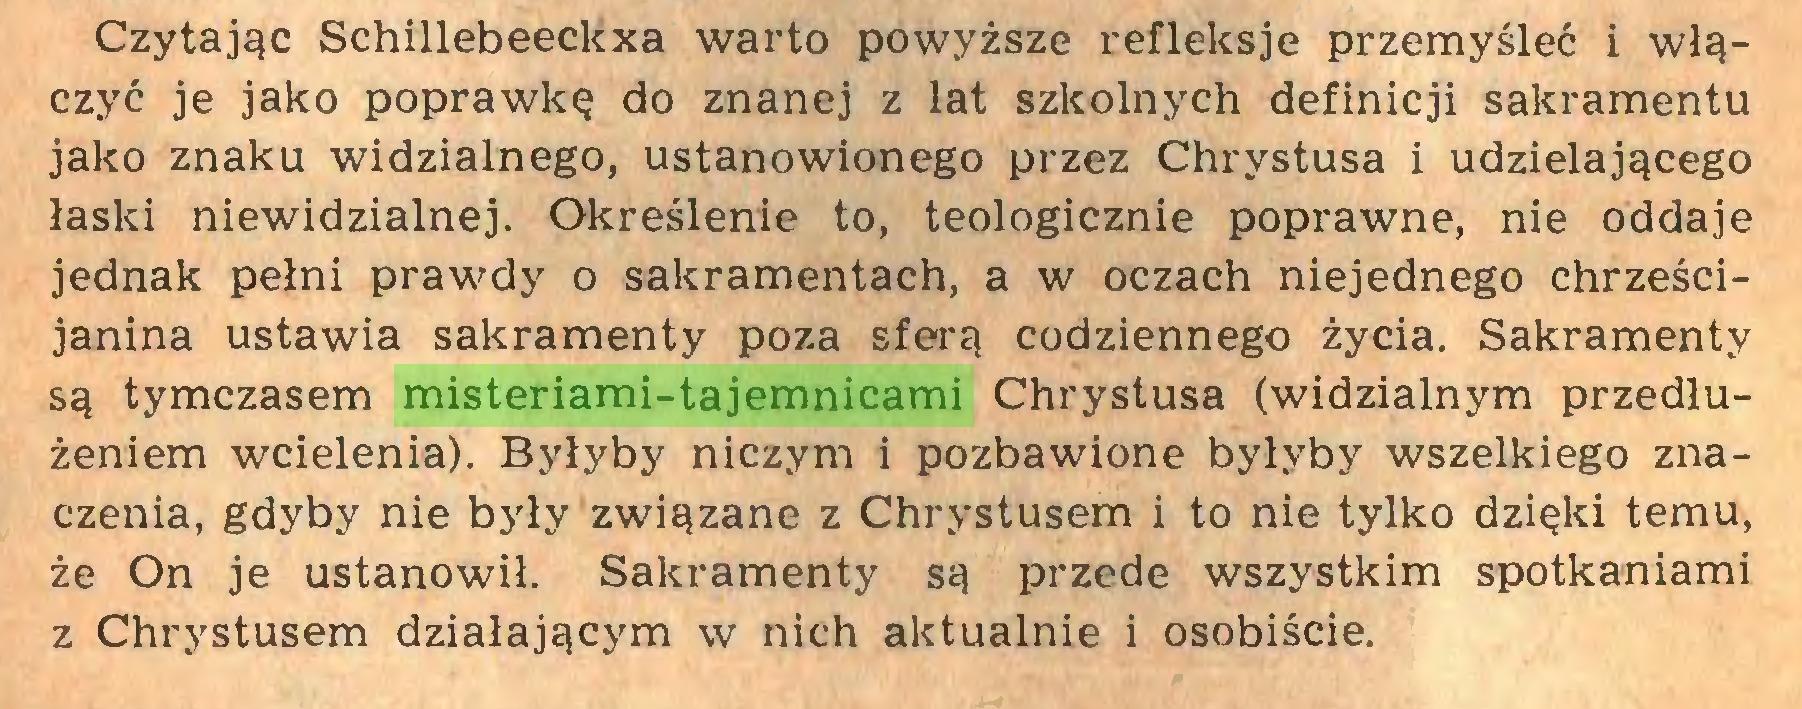 (...) Czytając Schillebeeckxa warto powyższe refleksje przemyśleć i włączyć je jako poprawkę do znanej z lat szkolnych definicji sakramentu jako znaku widzialnego, ustanowionego przez Chrystusa i udzielającego łaski niewidzialnej. Określenie to, teologicznie poprawne, nie oddaje jednak pełni prawdy o sakramentach, a w oczach niejednego chrześcijanina ustawia sakramenty poza sferą codziennego życia. Sakramenty są tymczasem misteriami-tajemnicami Chrystusa (widzialnym przedłużeniem wcielenia). Byłyby niczym i pozbawione byłyby wszelkiego znaczenia, gdyby nie były związane z Chrystusem i to nie tylko dzięki temu, że On je ustanowił. Sakramenty są przede wszystkim spotkaniami z Chrystusem działającym w nich aktualnie i osobiście...